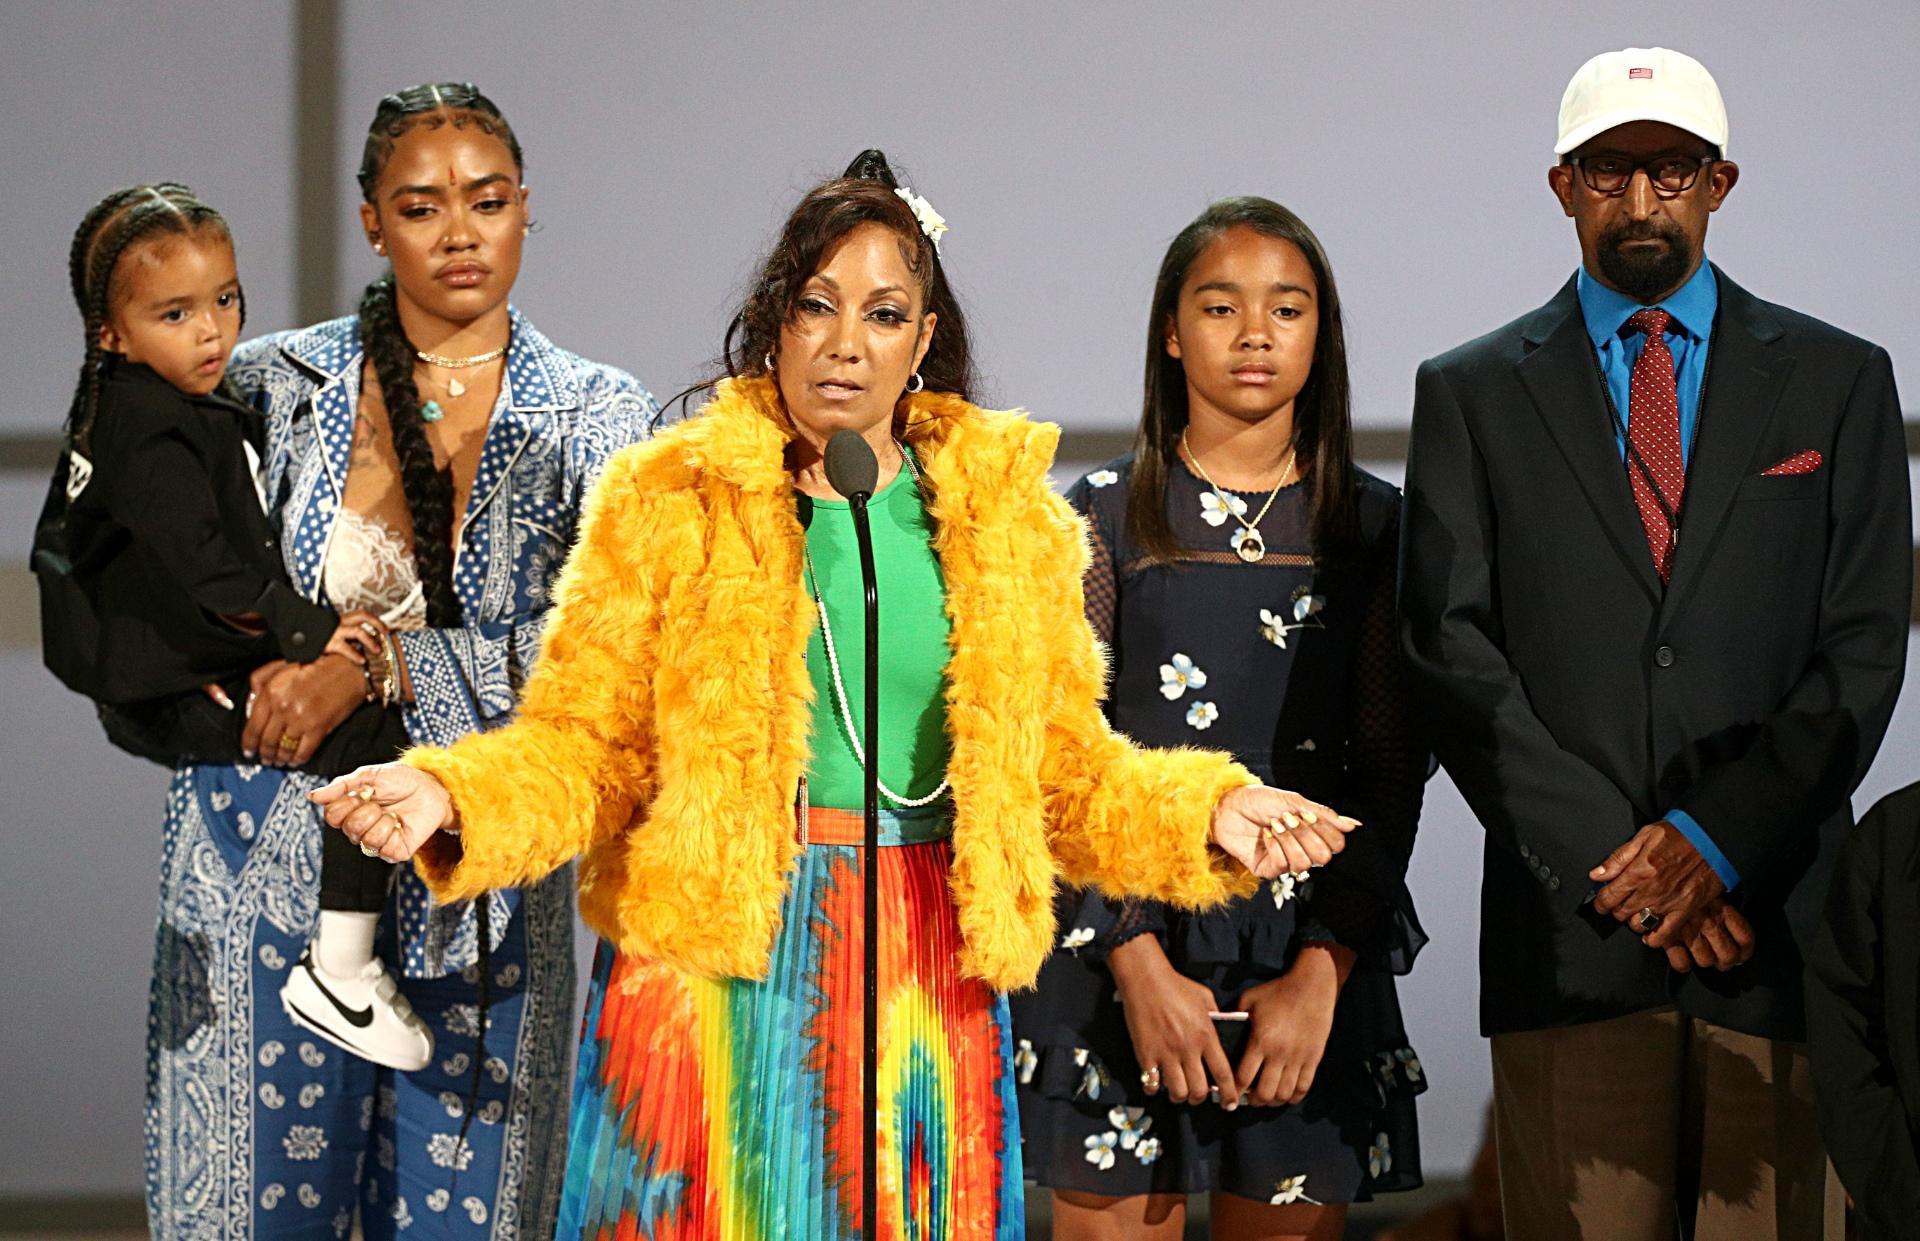 Cette cerémonie des BET Awards 2019 a été marquée par un vibrant hommage au rappeur Nipsey Hussle en présence de sa famille